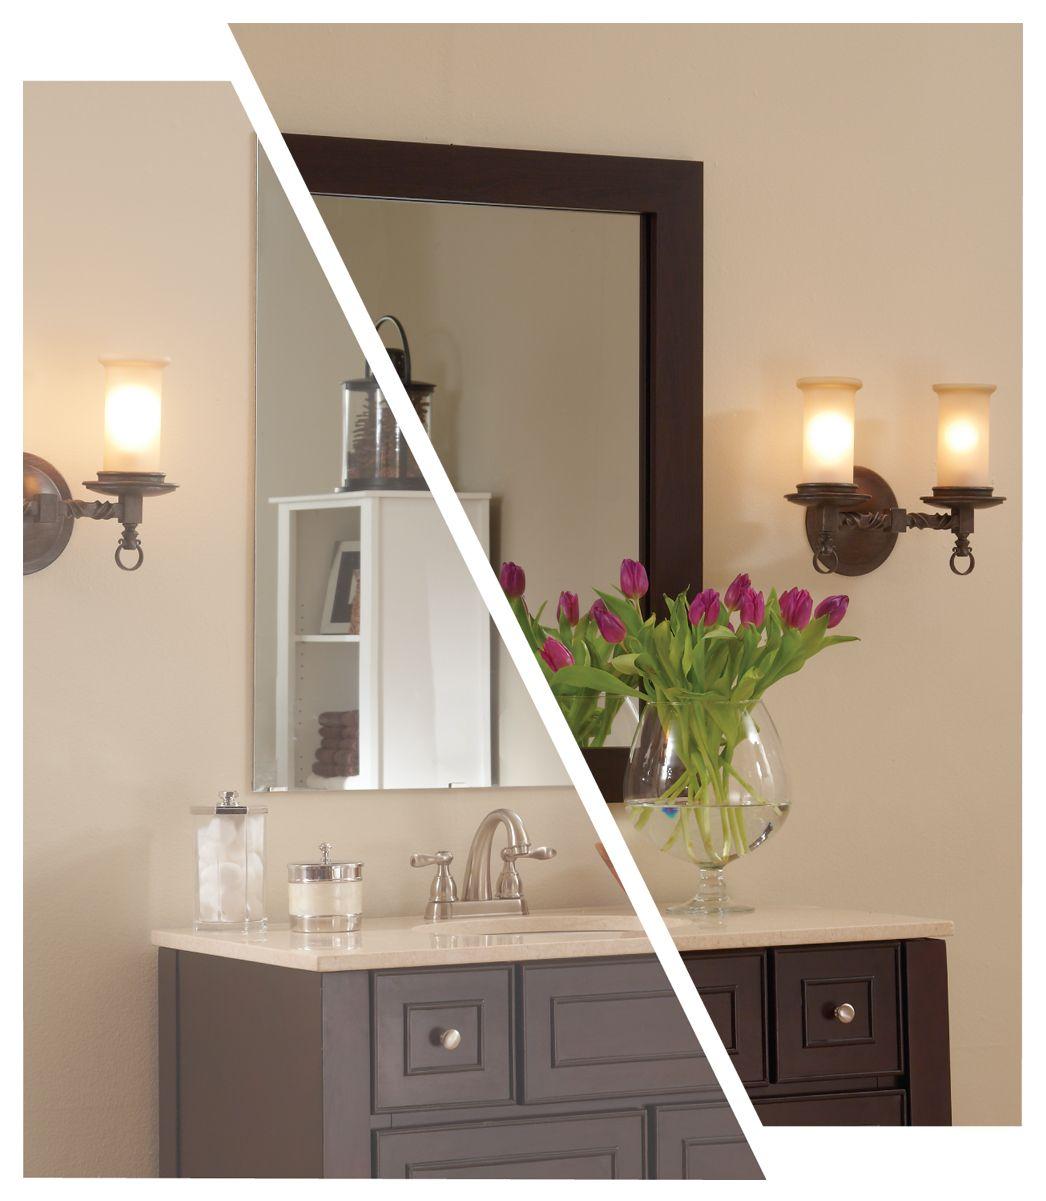 pretty framing a bathroom. turn your plain bathroom mirror into a pretty framed with MirrorMate